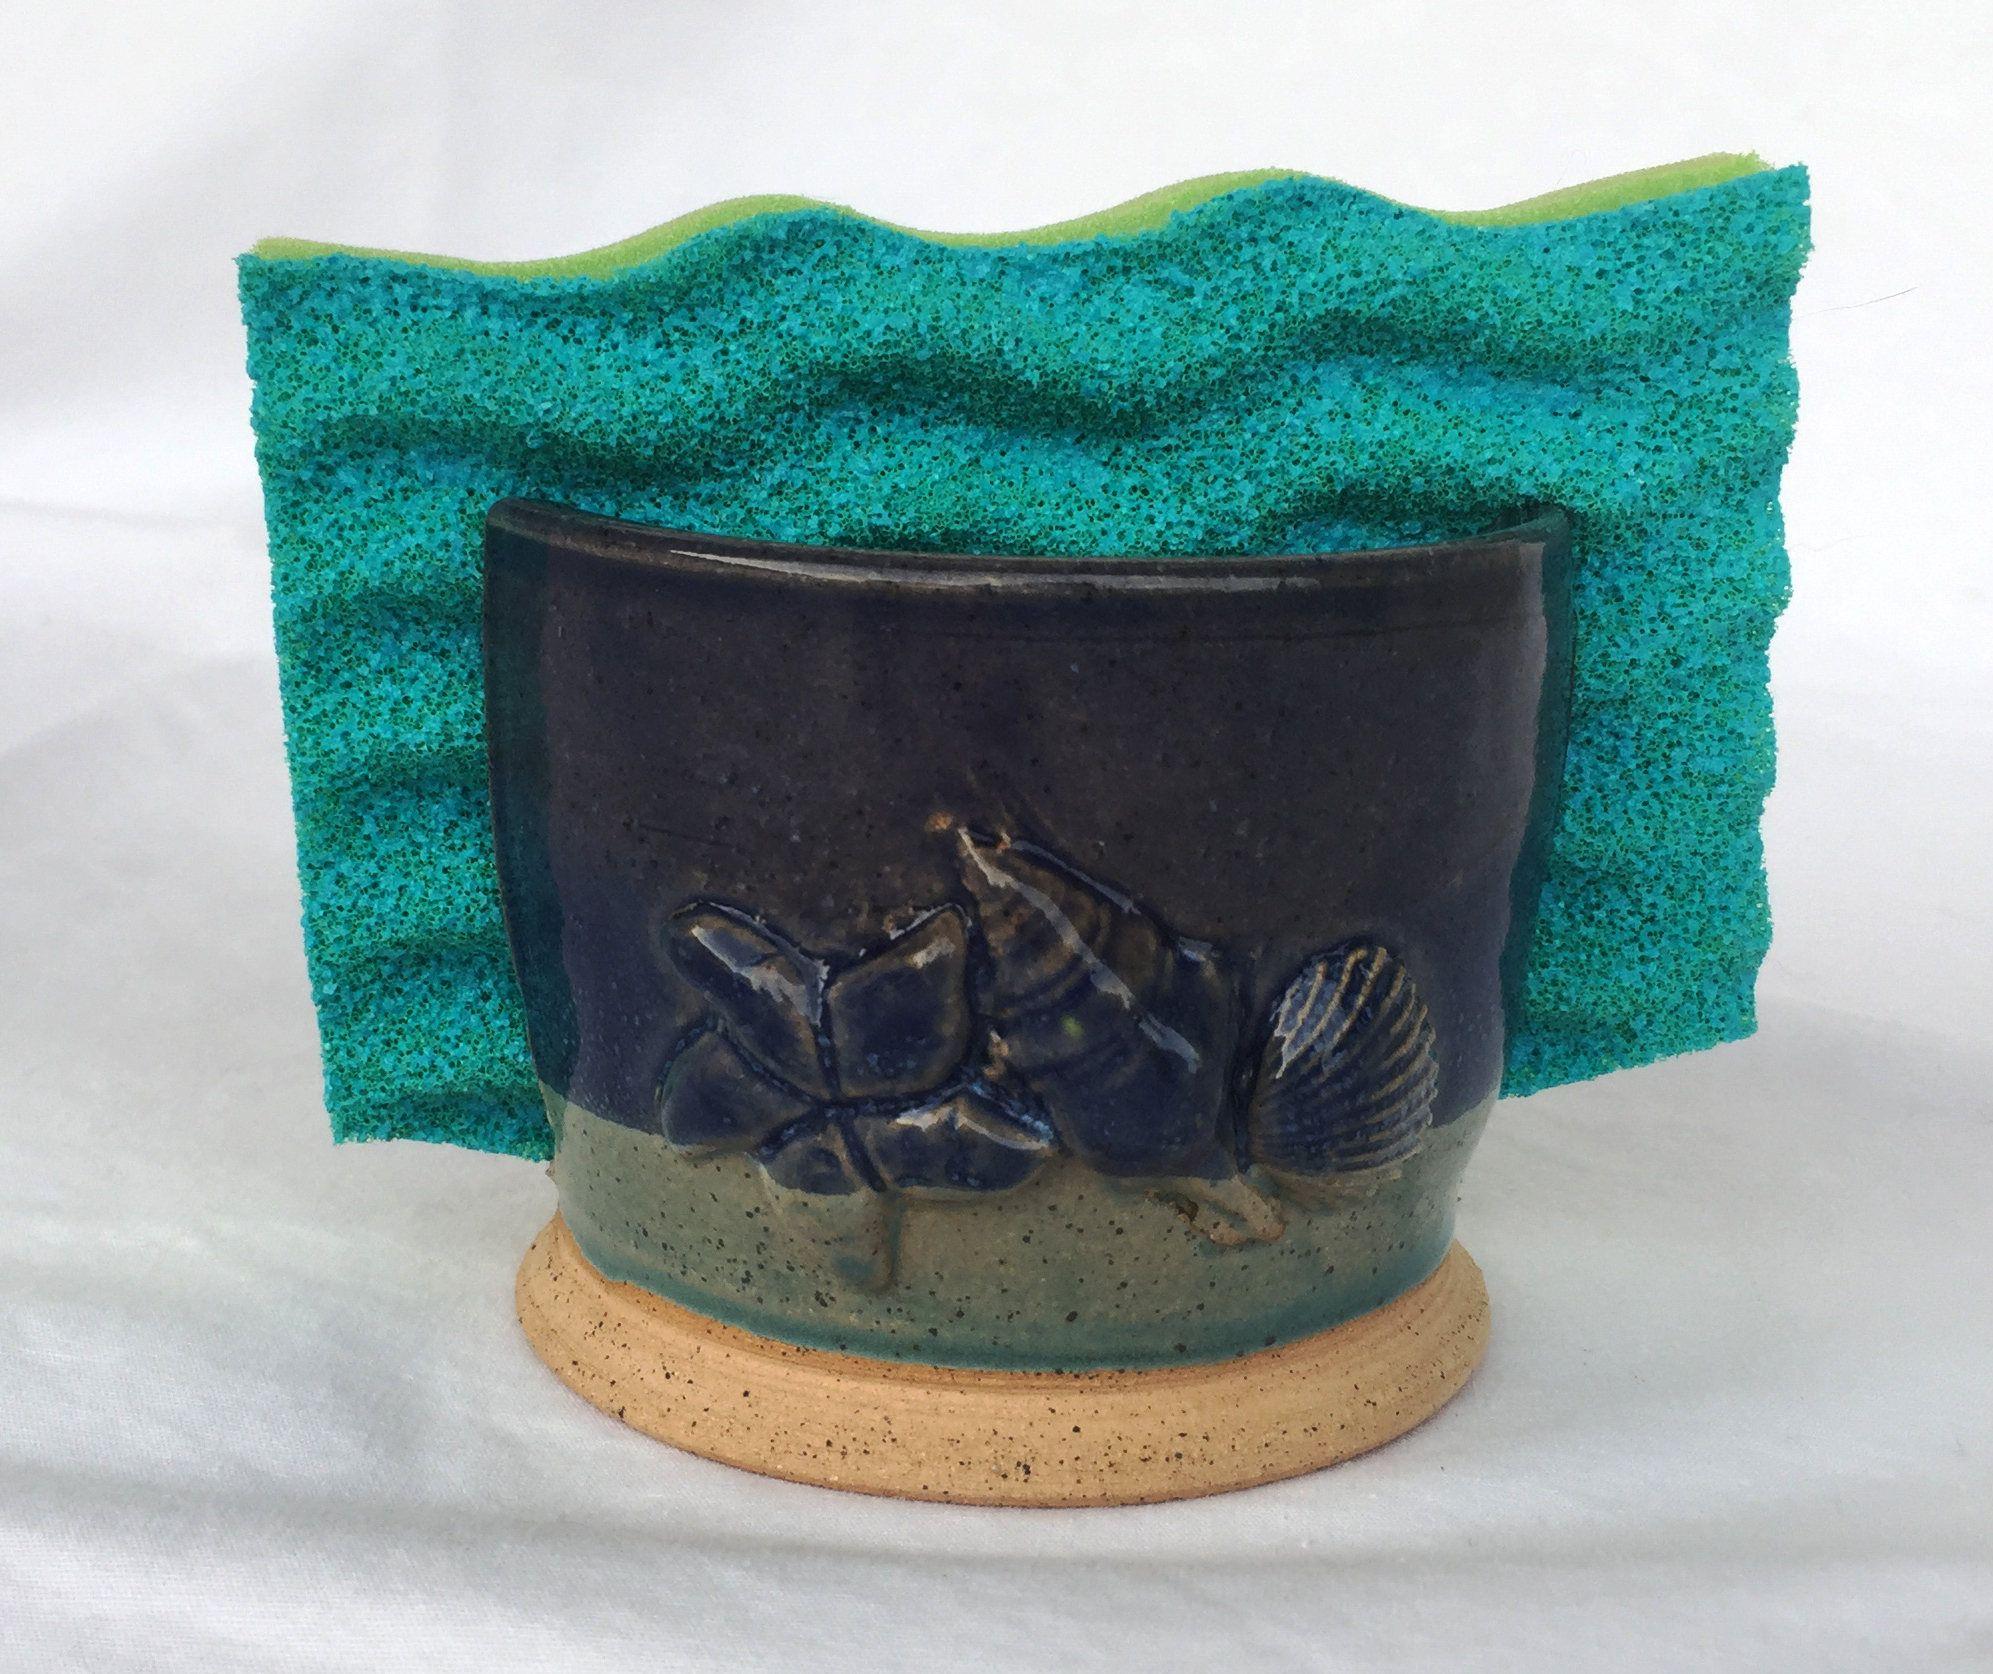 Pottery sponge holder - Ceramic sponge holder - kitchen scrub holder ...